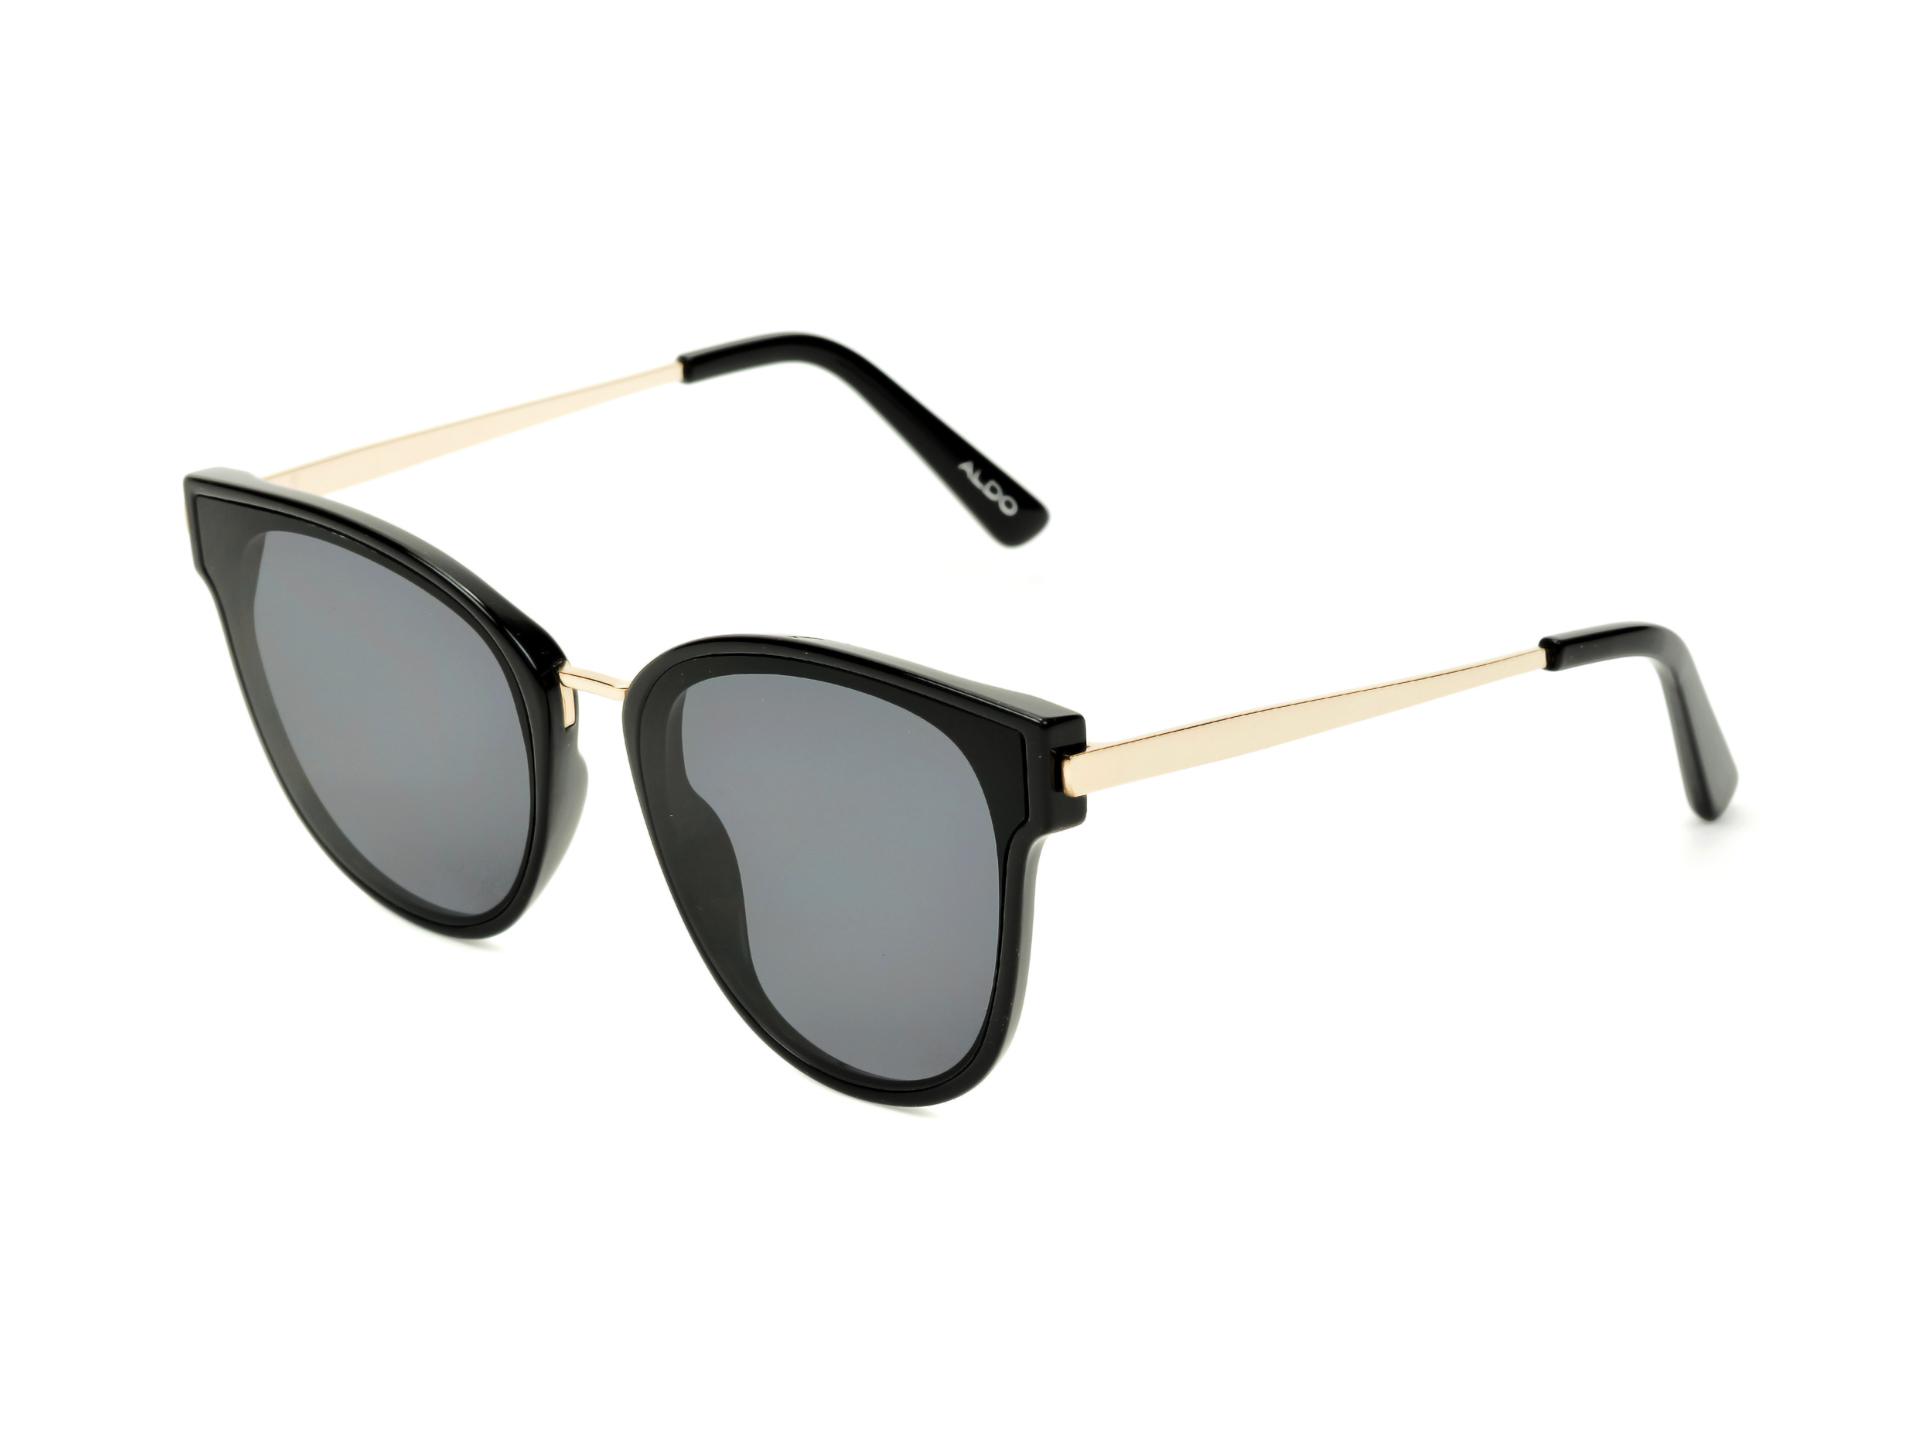 Ochelari de soare ALDO negri, Calmettes970, din PVC imagine